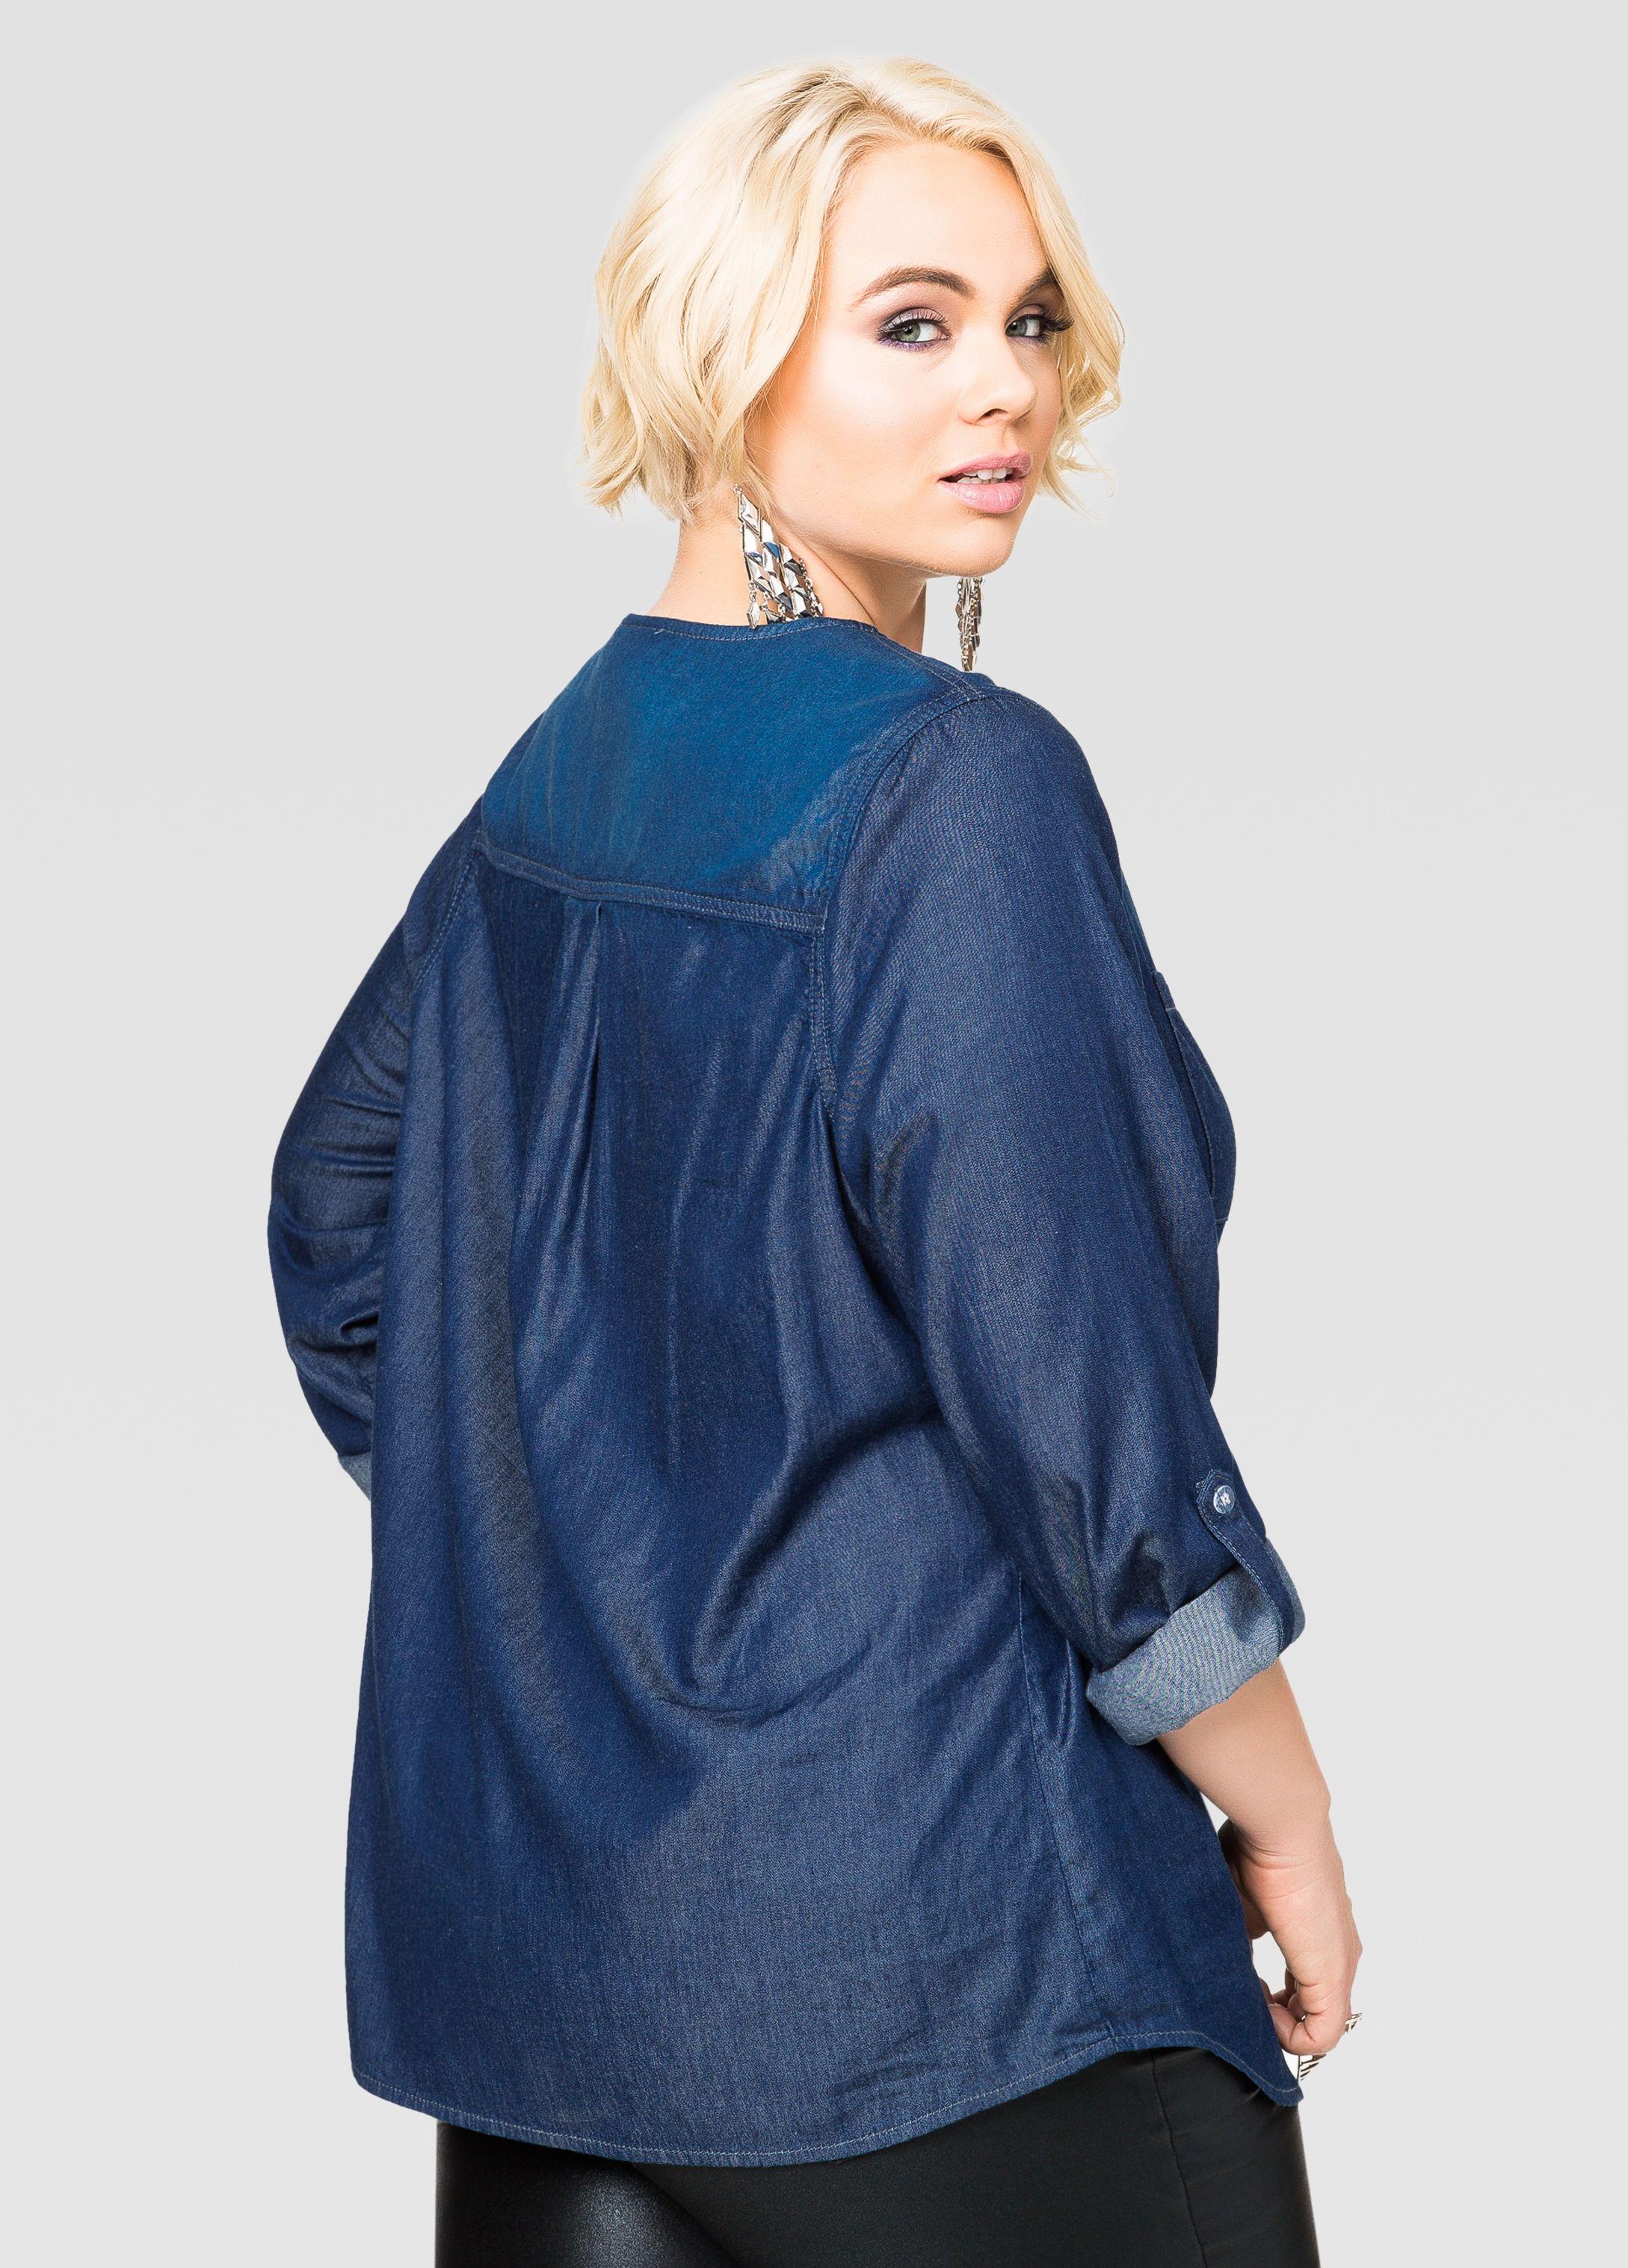 5dbd1fe0a7b023 Embellished Denim Shirt-Plus Size Shirts-Ashley Stewart